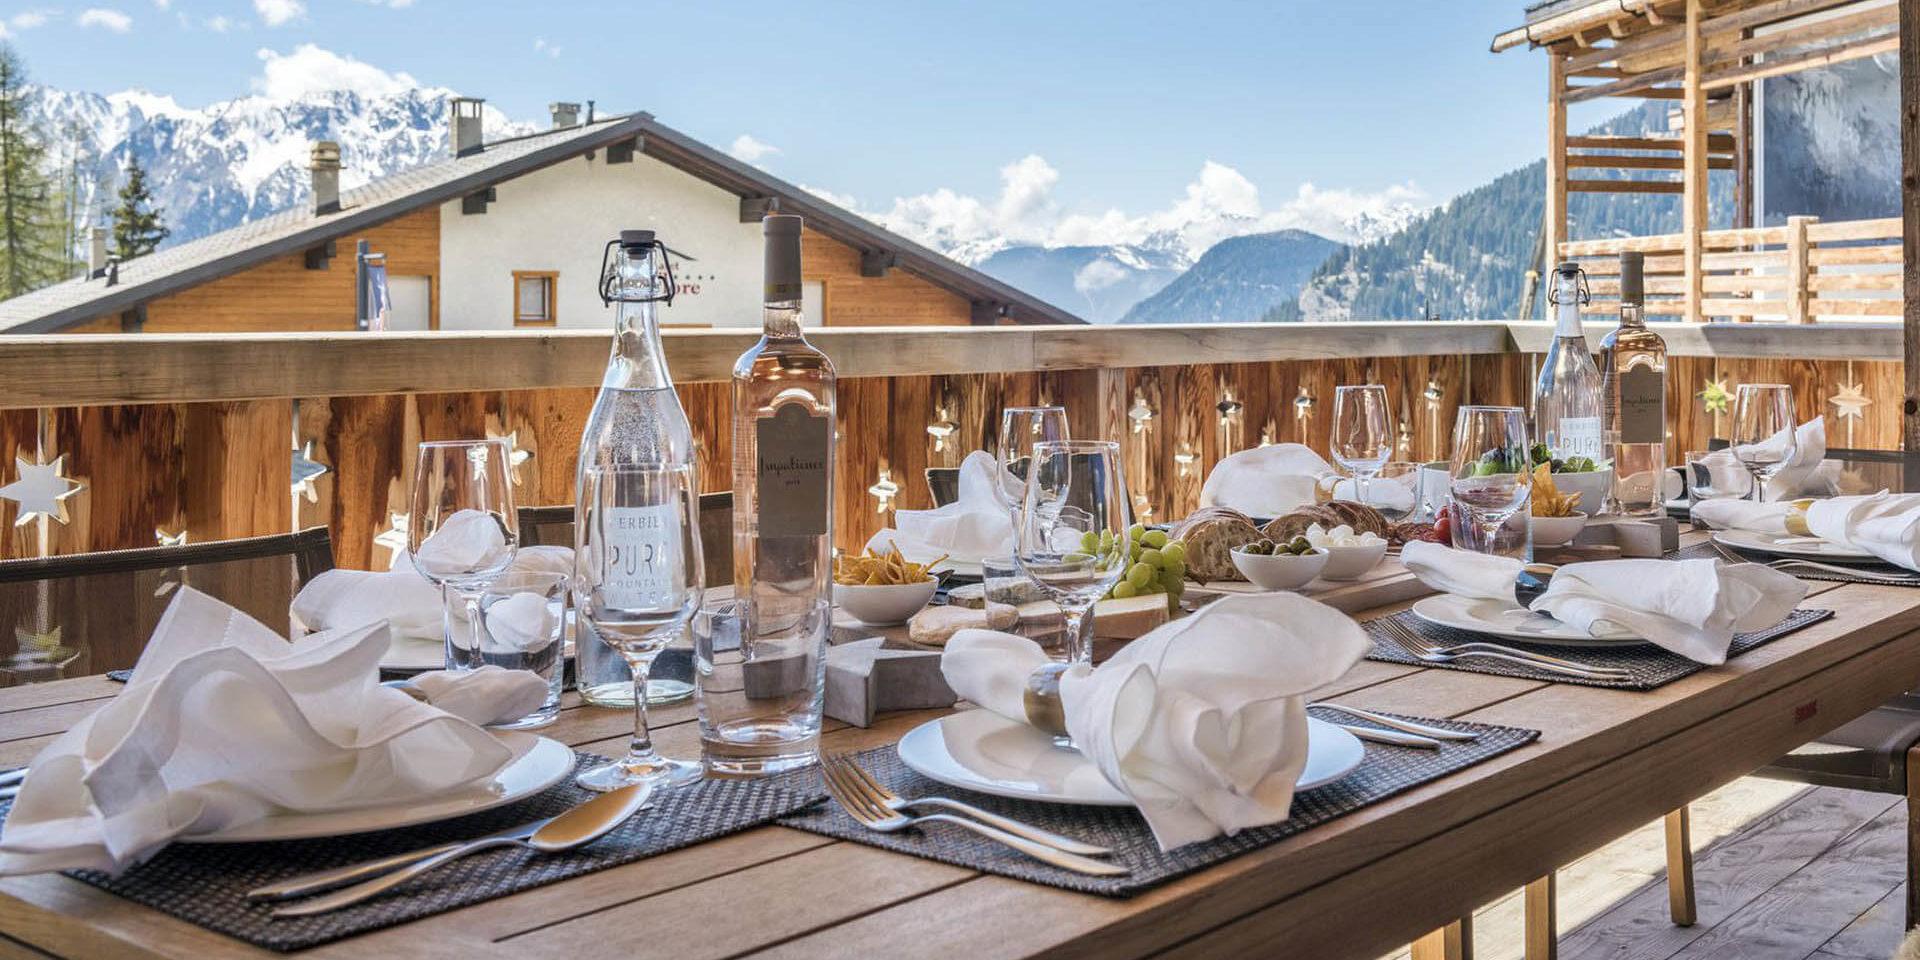 Appartement Rosalp 4 Verbier Les 4 Vallees Zwitserland wintersport skivakantie luxe groot terras zonnig gedekte tafel uitzicht sneeuw bergen